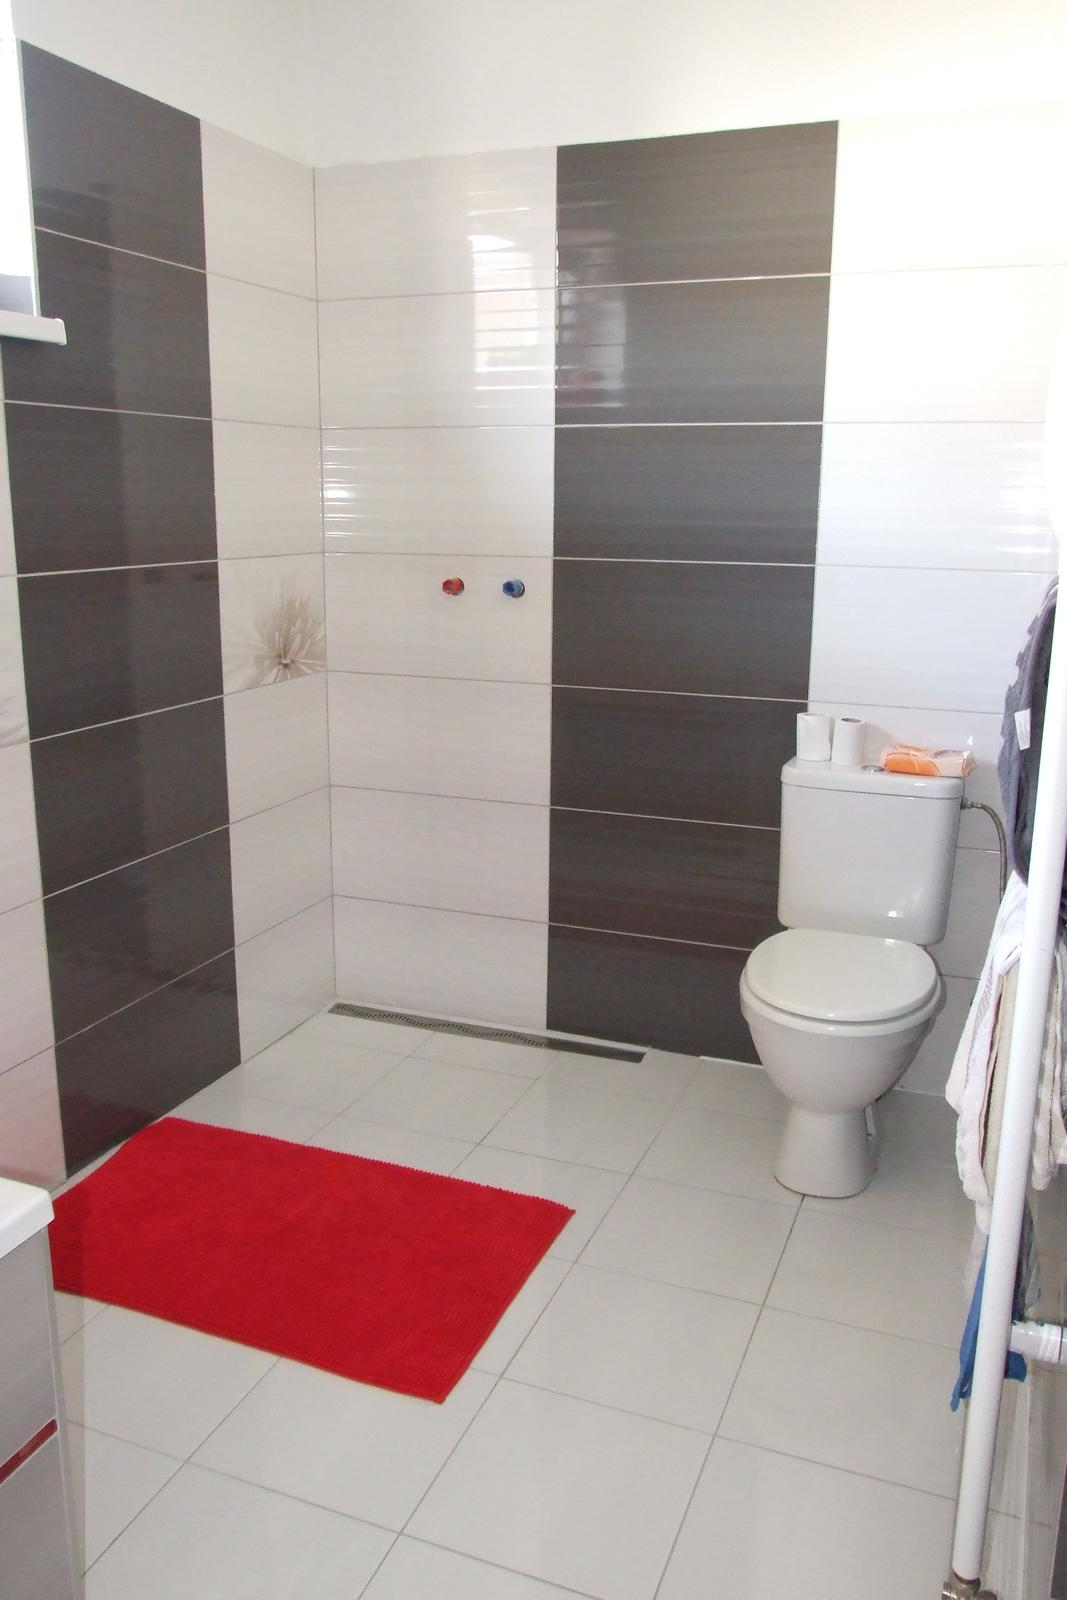 Home - V rohu nam este chyba sprchovy kut. Prave ho vyberam. Poradte nejaky. 90x100